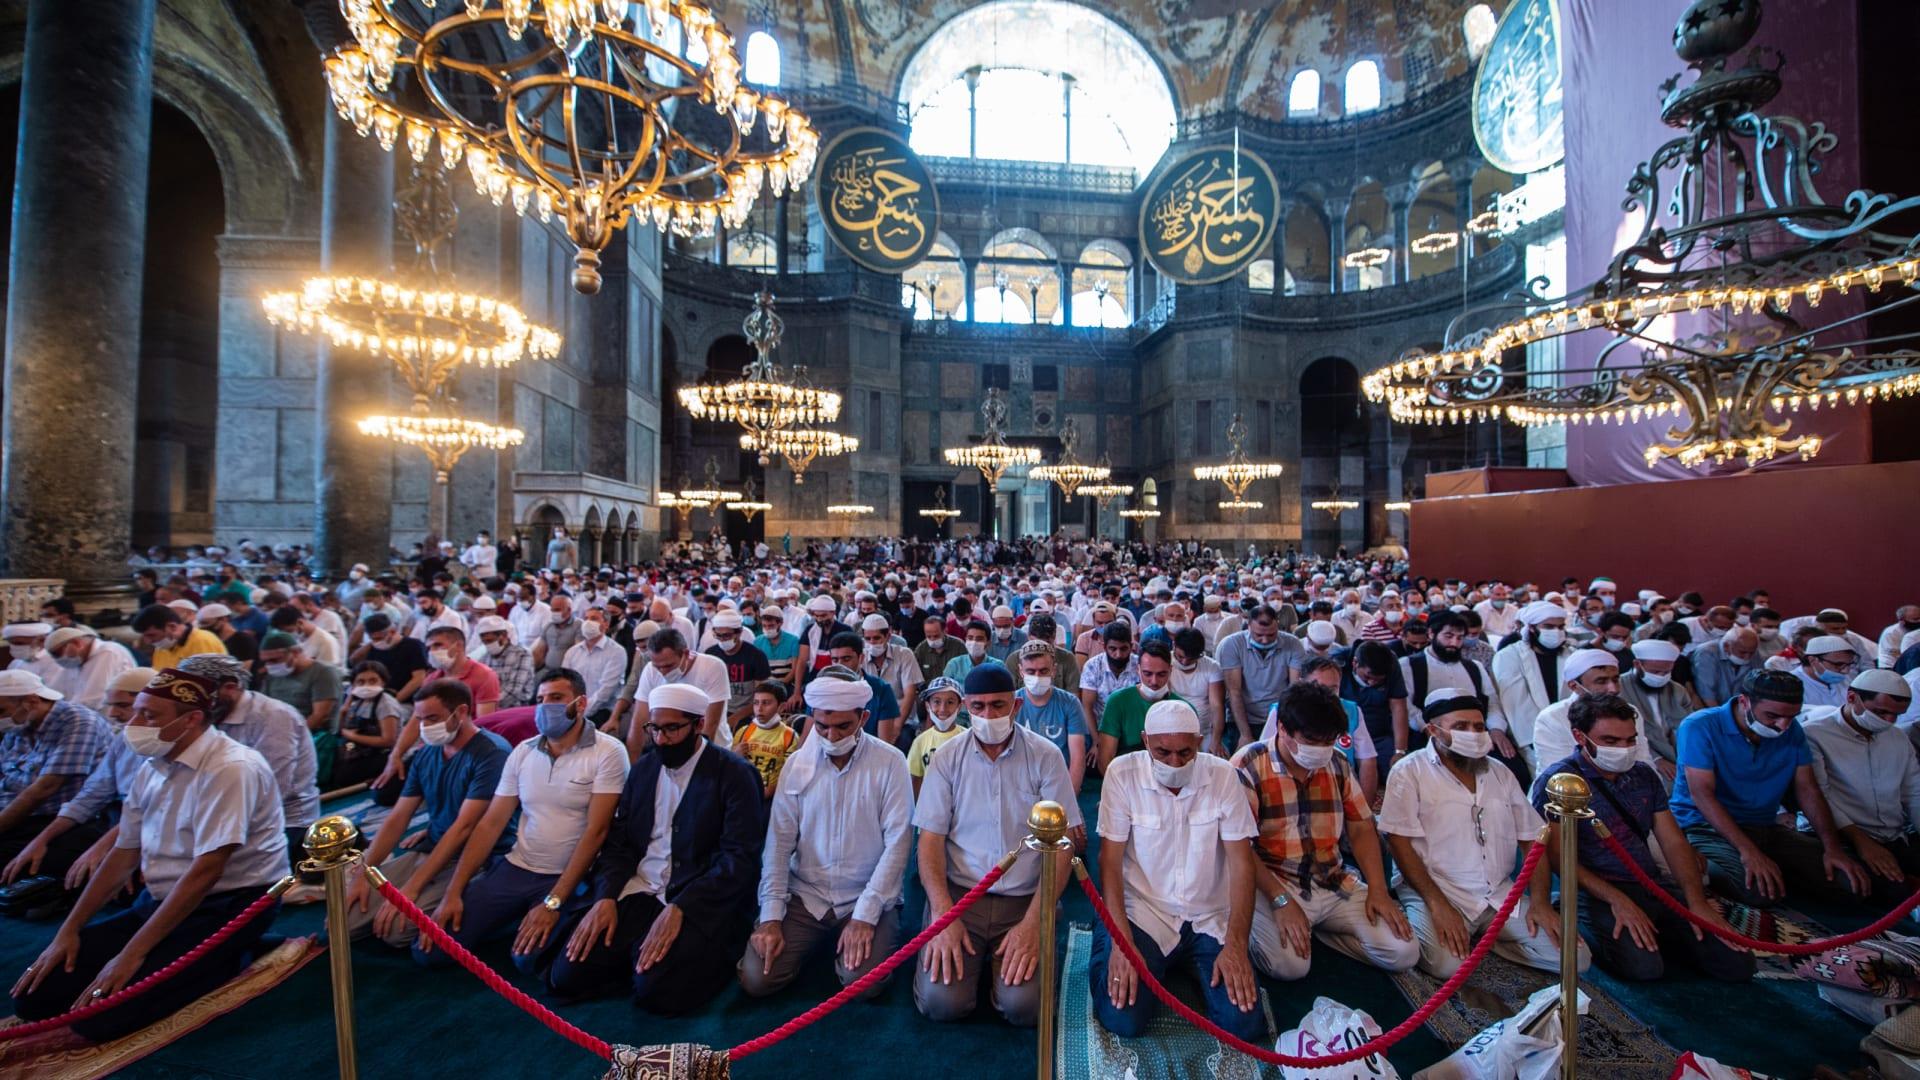 """وكالة تركية عن دلالات حمل السيف على منبر آيا صوفيا: """"لإظهار سيادة الإسلام"""""""